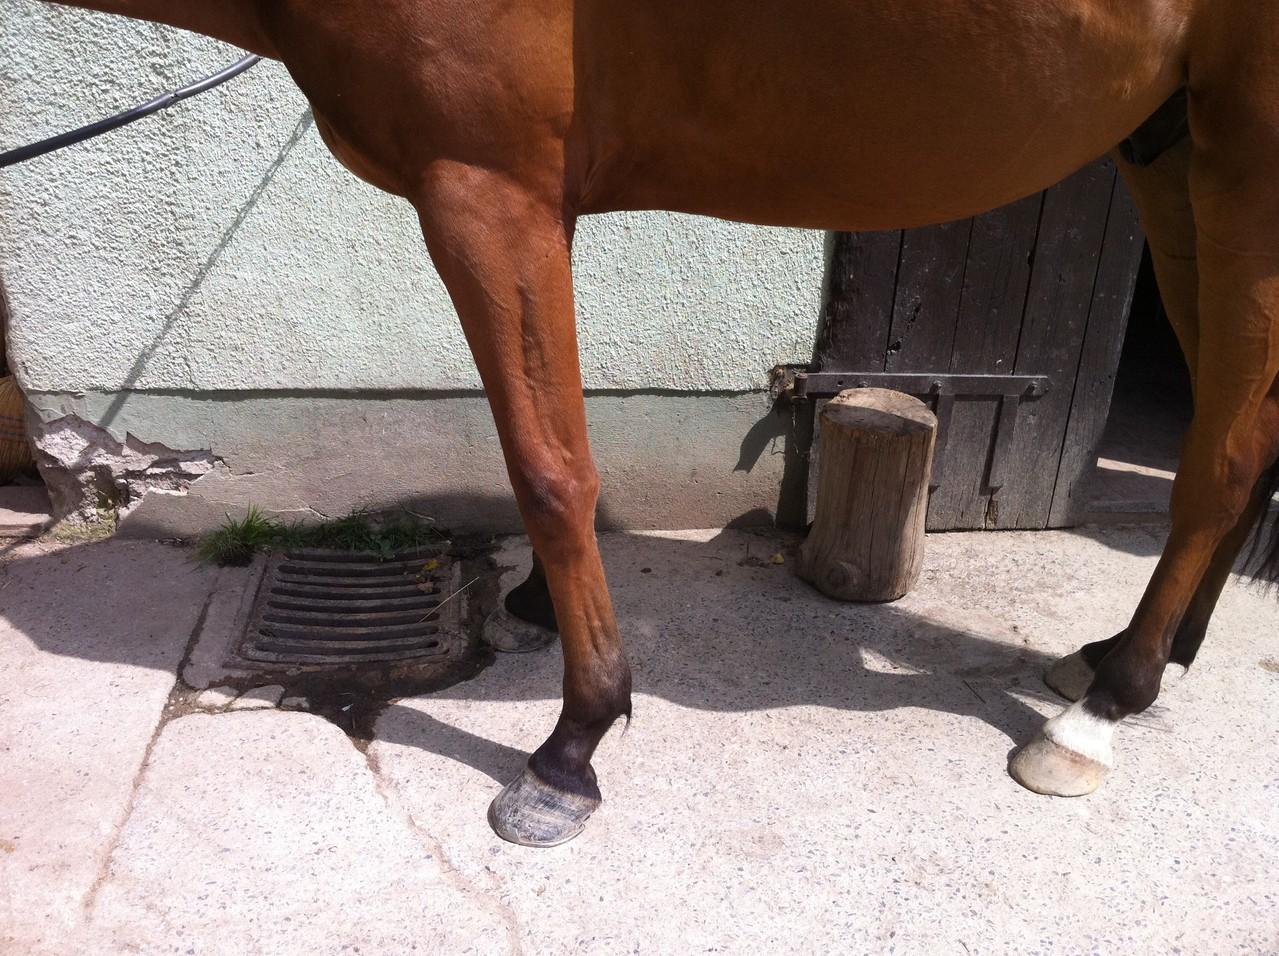 wegen Schmerzen im Rücken stellt dieses Pferd die Vorhand unter den Bauch um die Last von hinten mitzutragen. Das geht zu Lasten der Sehnen und der Schultermuskulatur